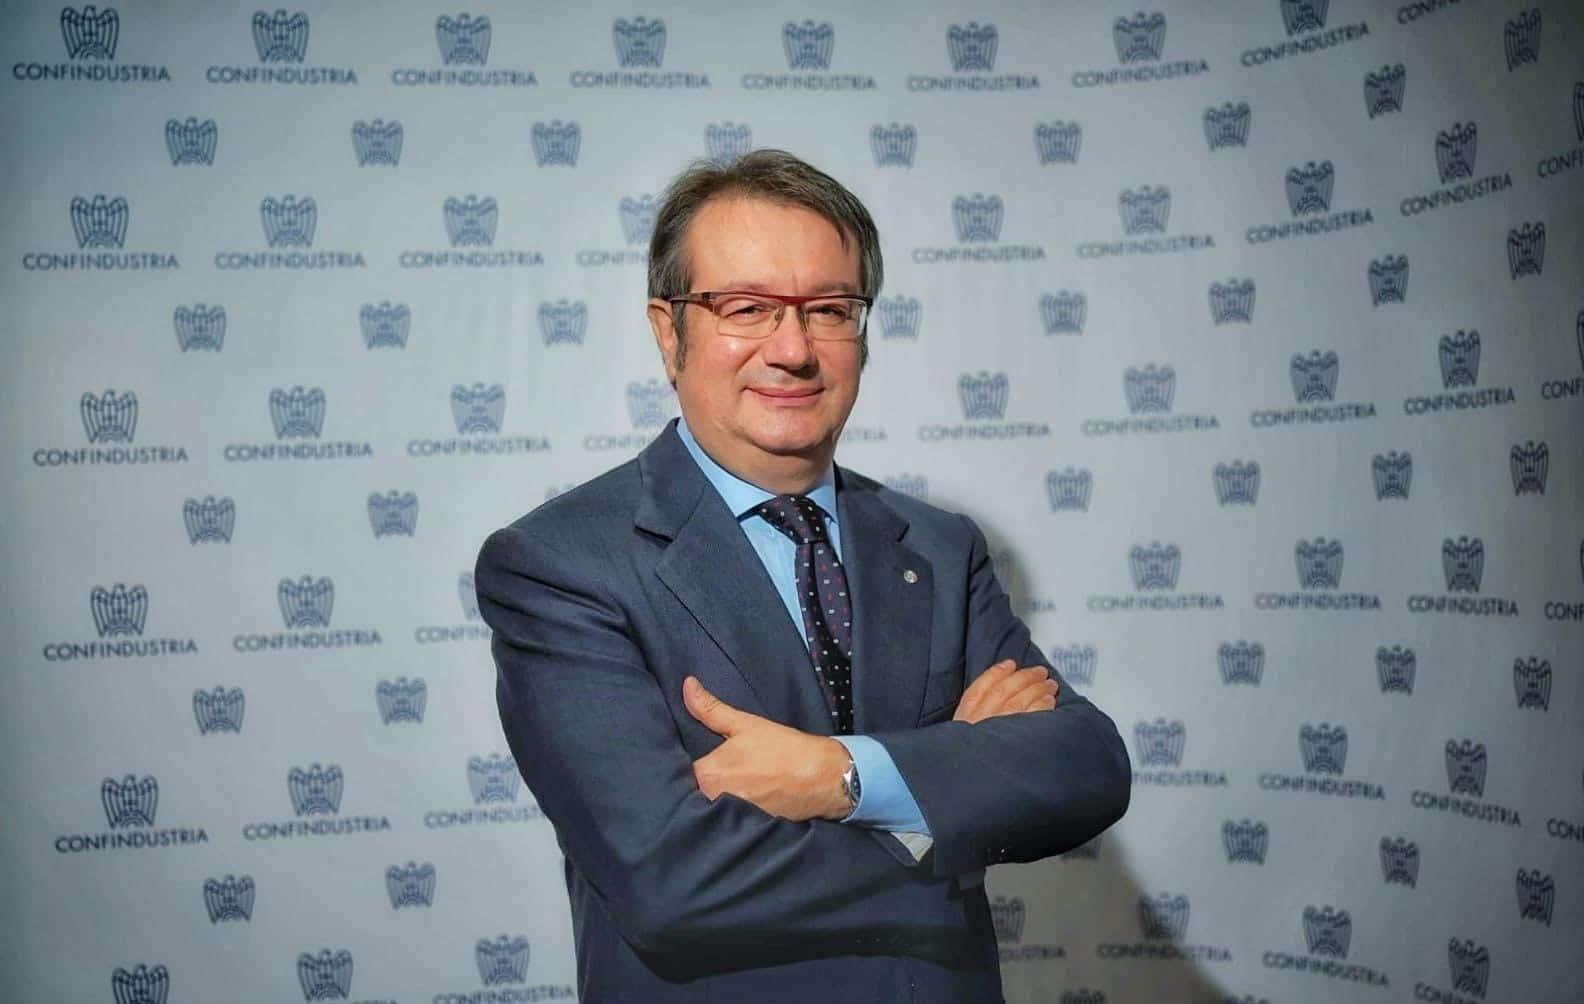 Carlo Robiglio confermato alla guida di Piccola Industria